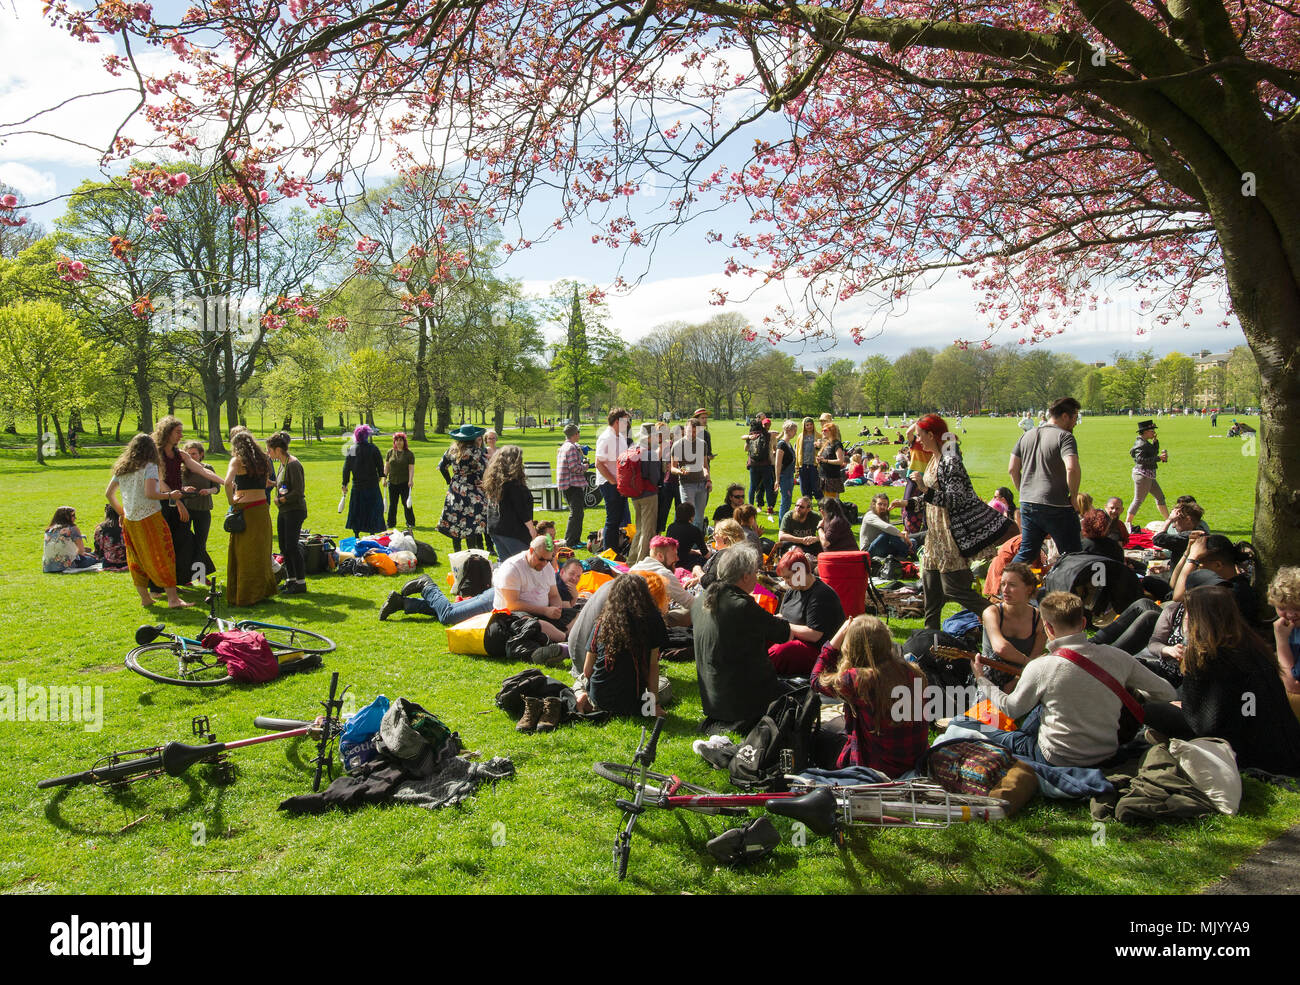 Un grupo de personas que se reúnen bajo un árbol de cerezo en flor en los prados durante el fin de semana del puente de mayo. Imagen De Stock